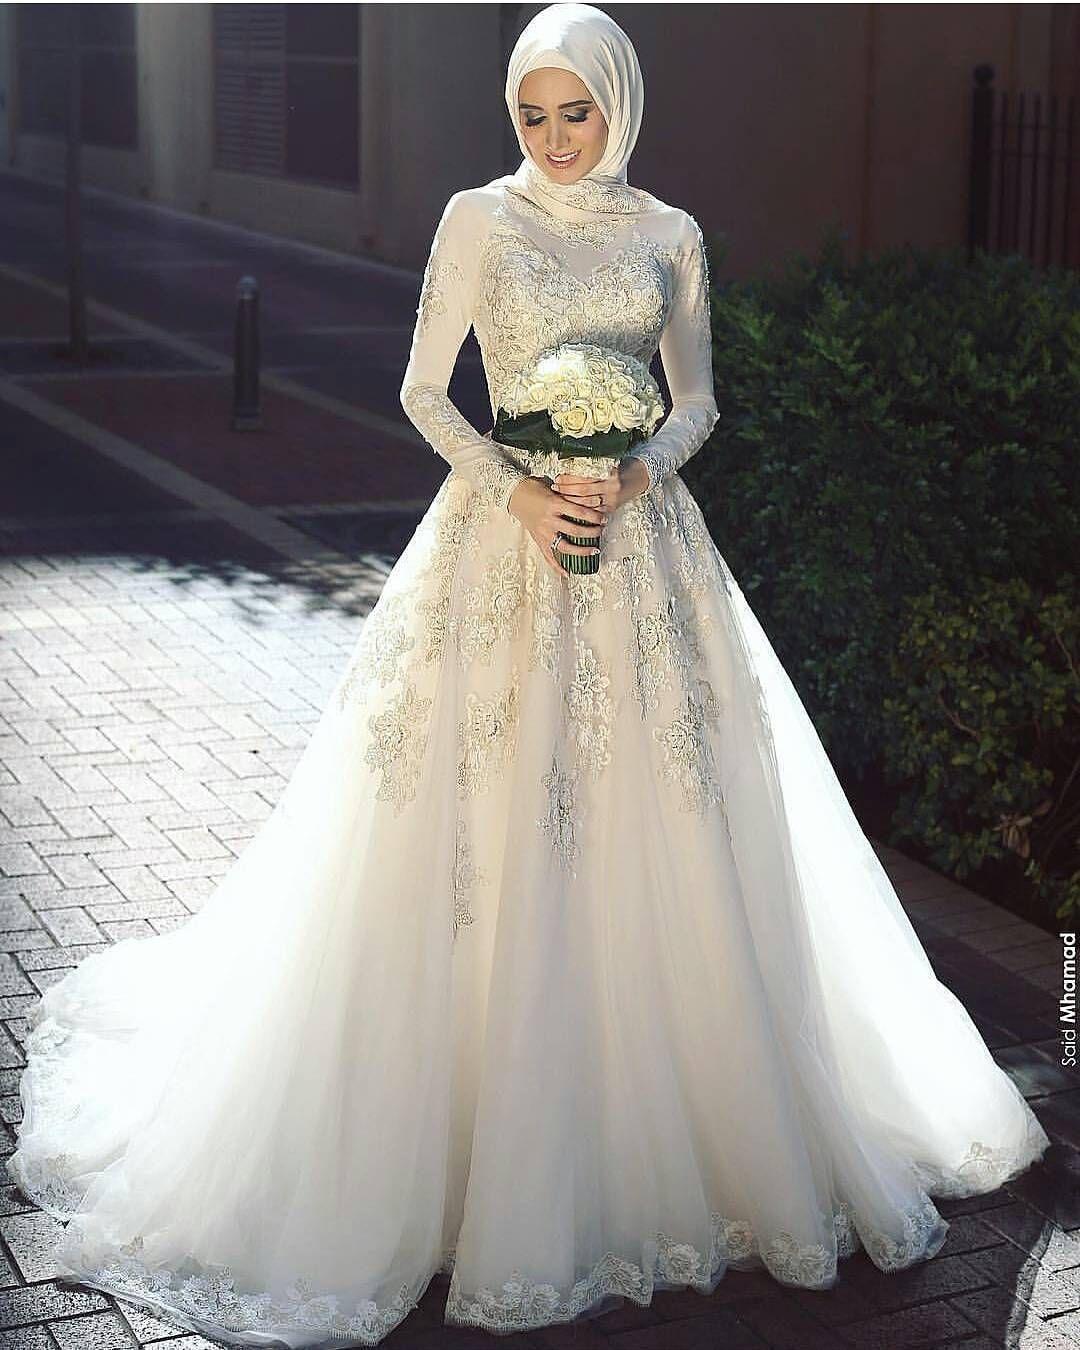 beliebteste saudi-arabische muslimische Brautkleider türkische Stehkragen  mit langen Ärmeln Spitze Appliques Brautkleider ohne Hijab Hochzeitskleid